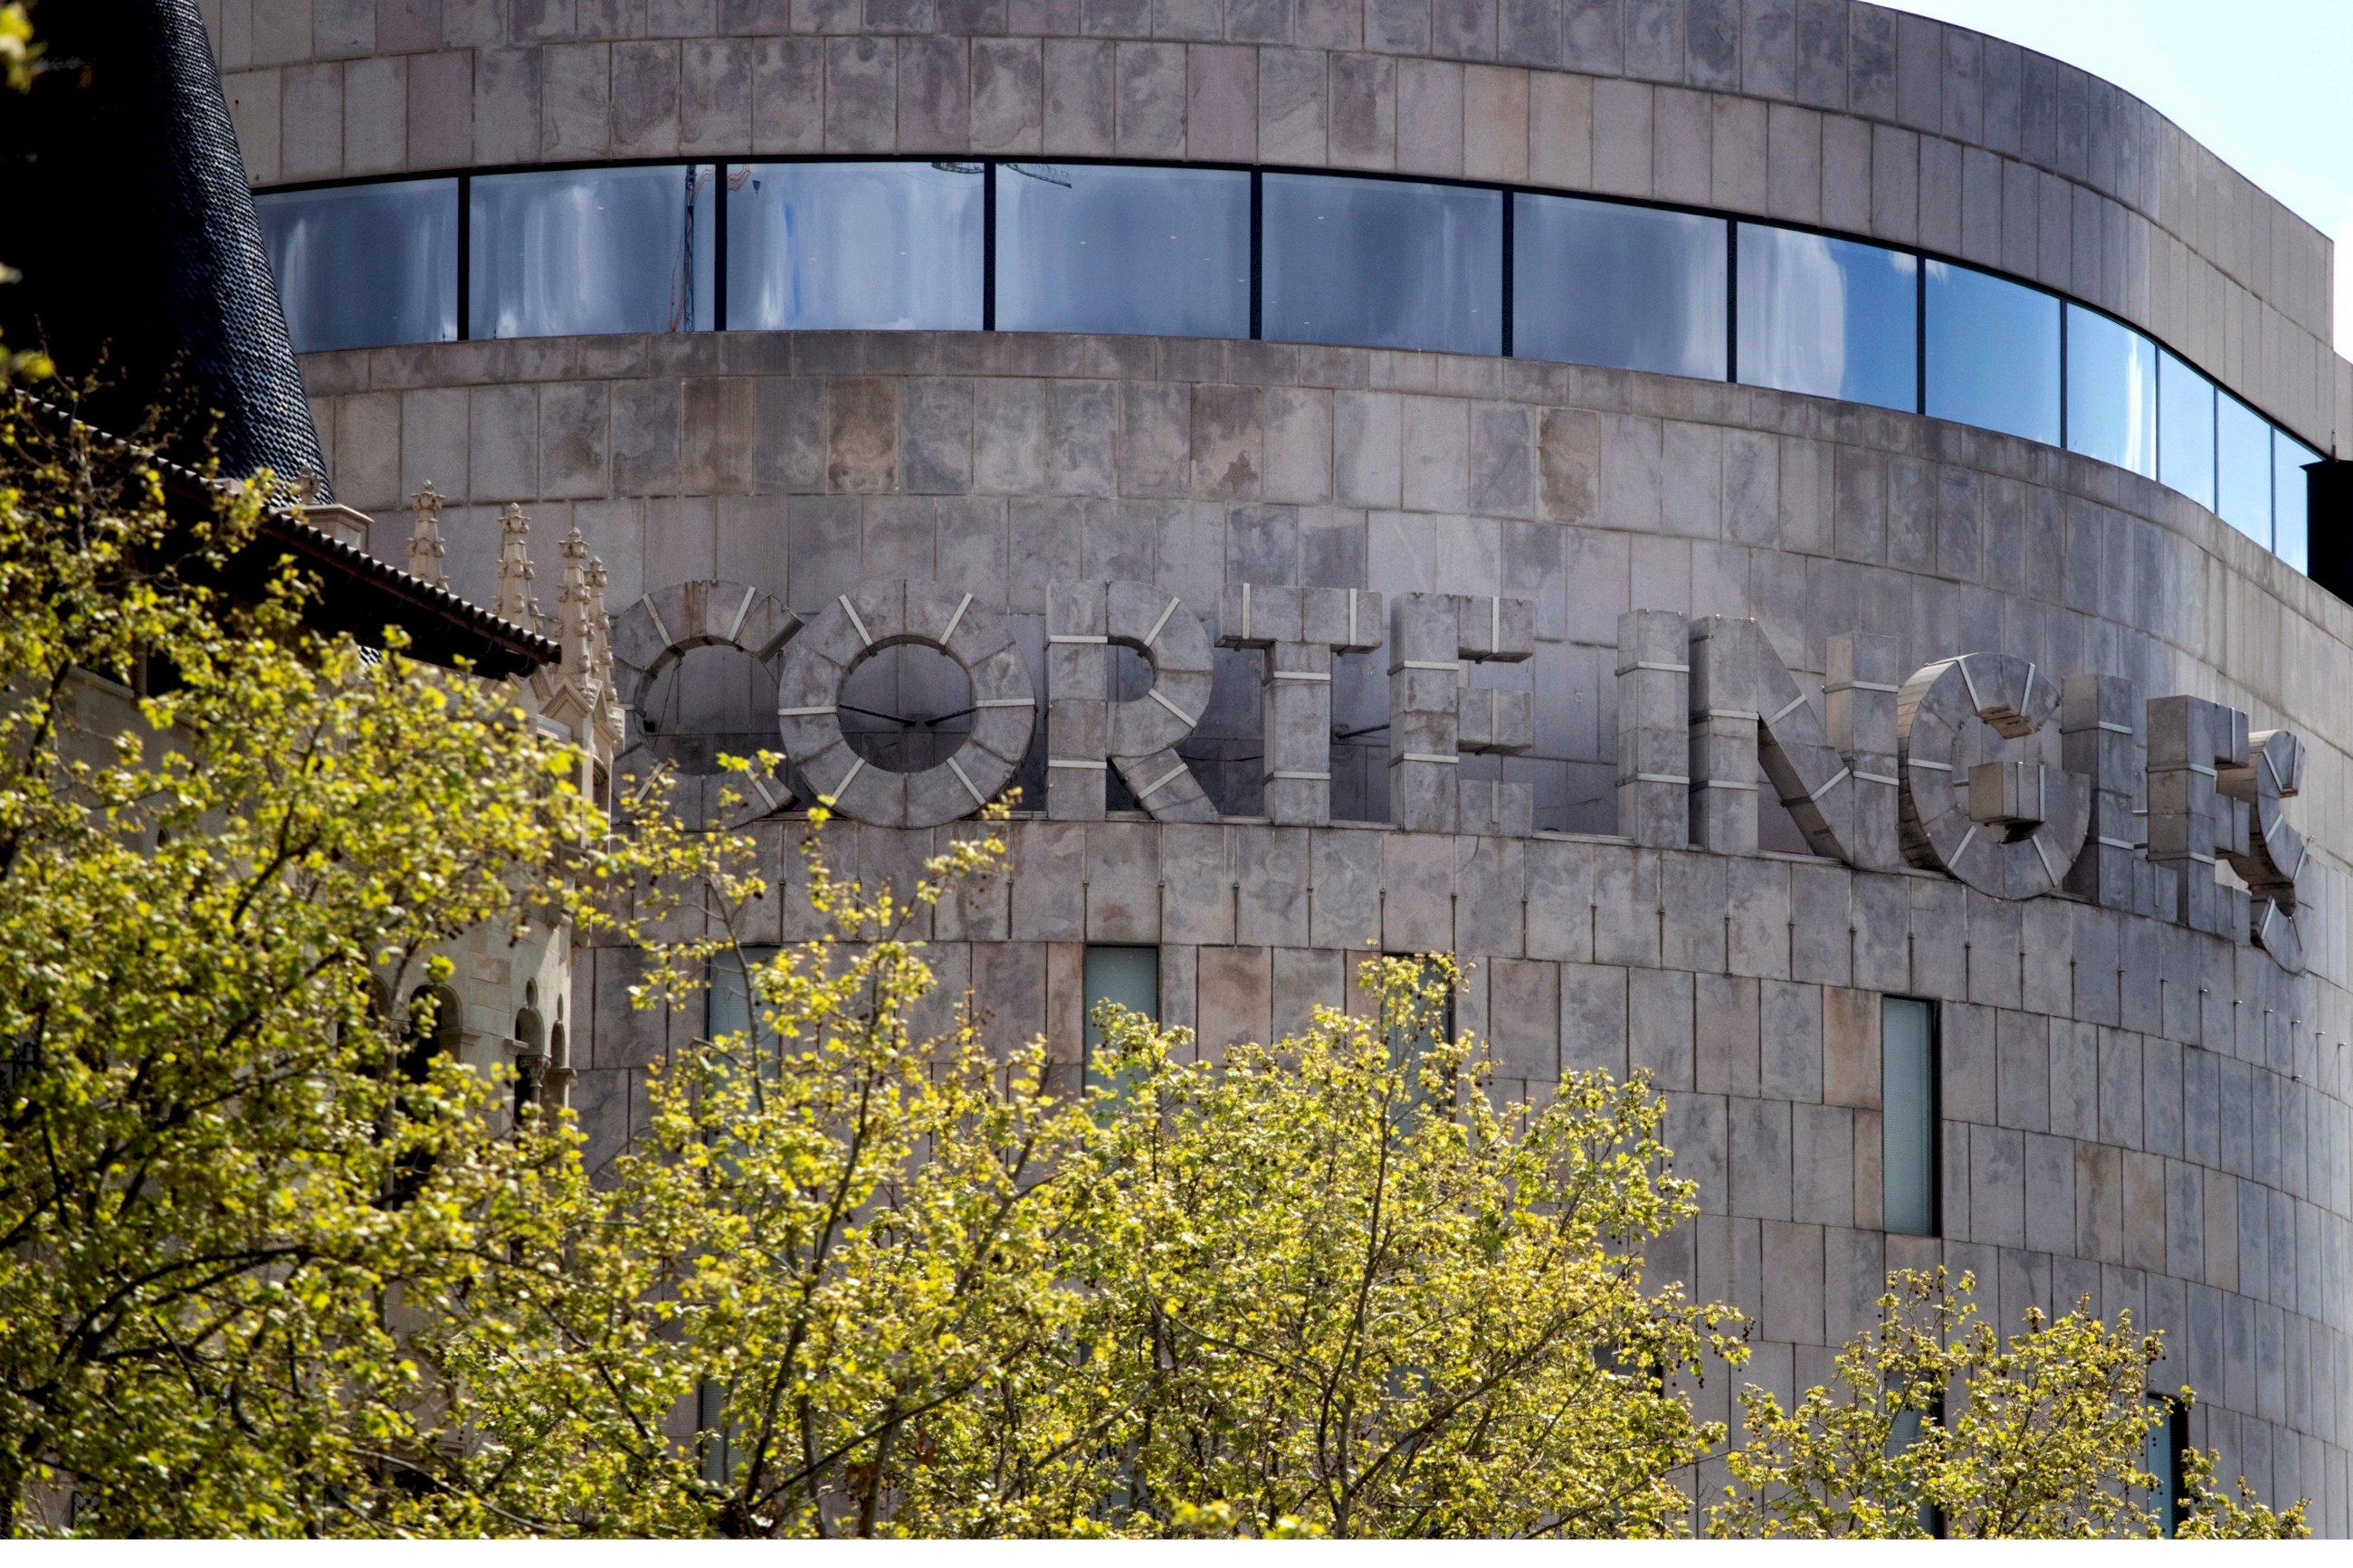 Una imagen de El Corte Inglés de plaza Cataluña, en Barcelona. EFE/ Marta Pérez